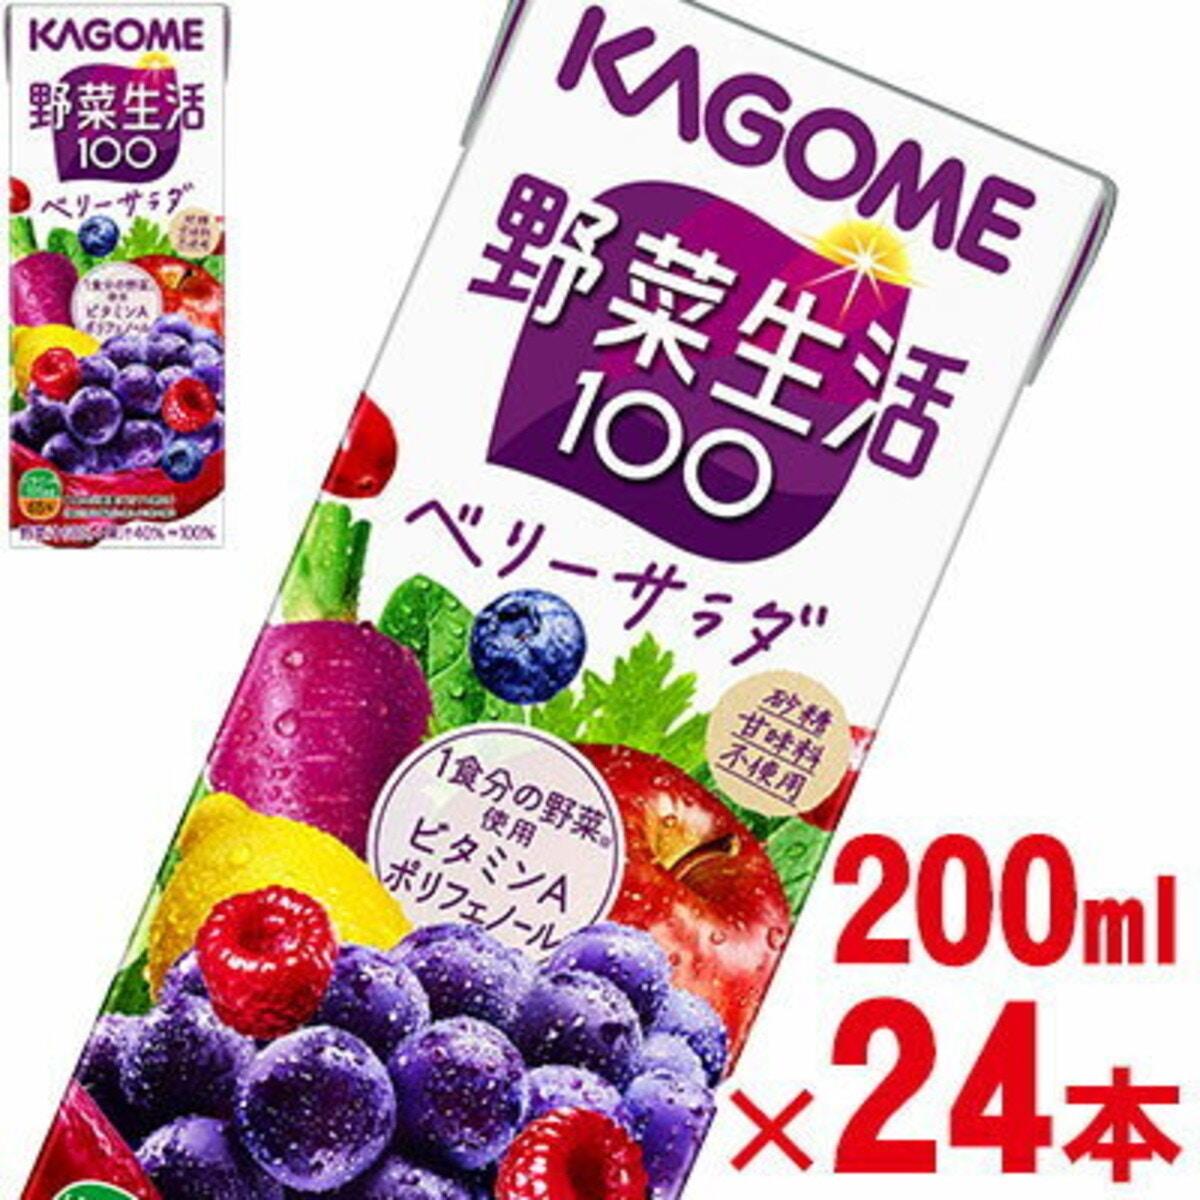 カゴメ 野菜生活100 ベリーサラダ(旧:エナジールーツ) 200ml×24本